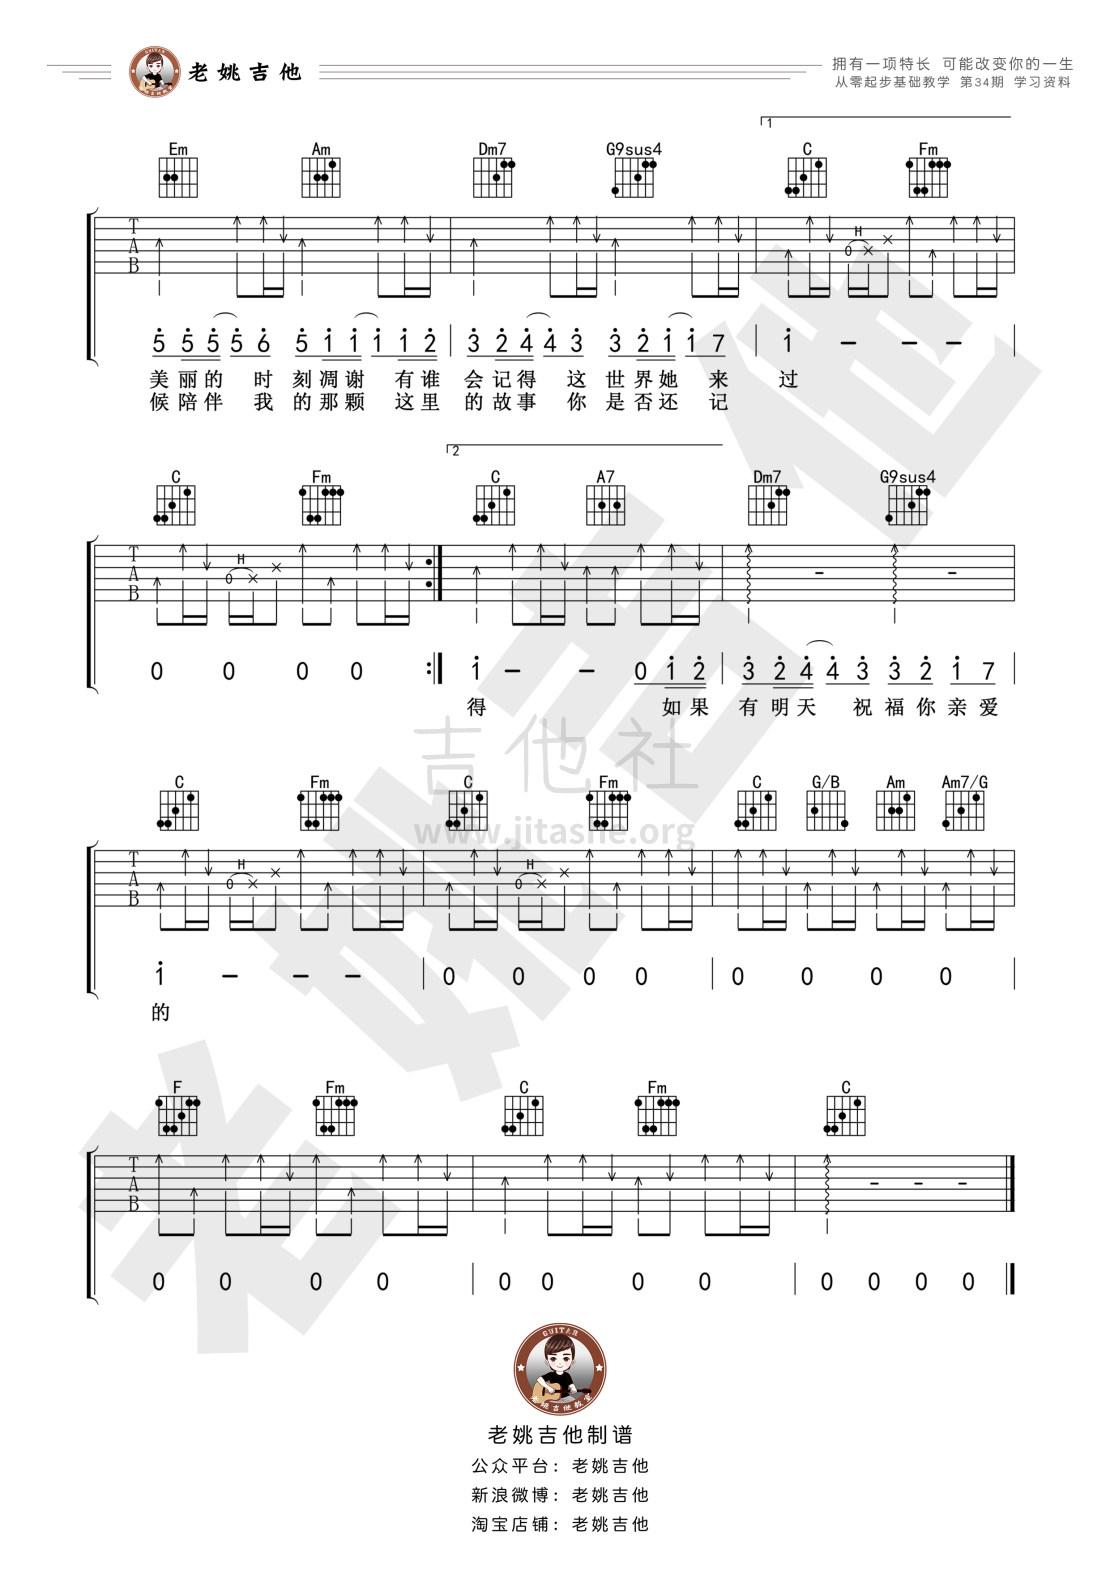 老男孩吉他谱(图片谱,弹唱,教学,老姚吉他)_筷子兄弟(肖央;王太利)_34资料3.jpg